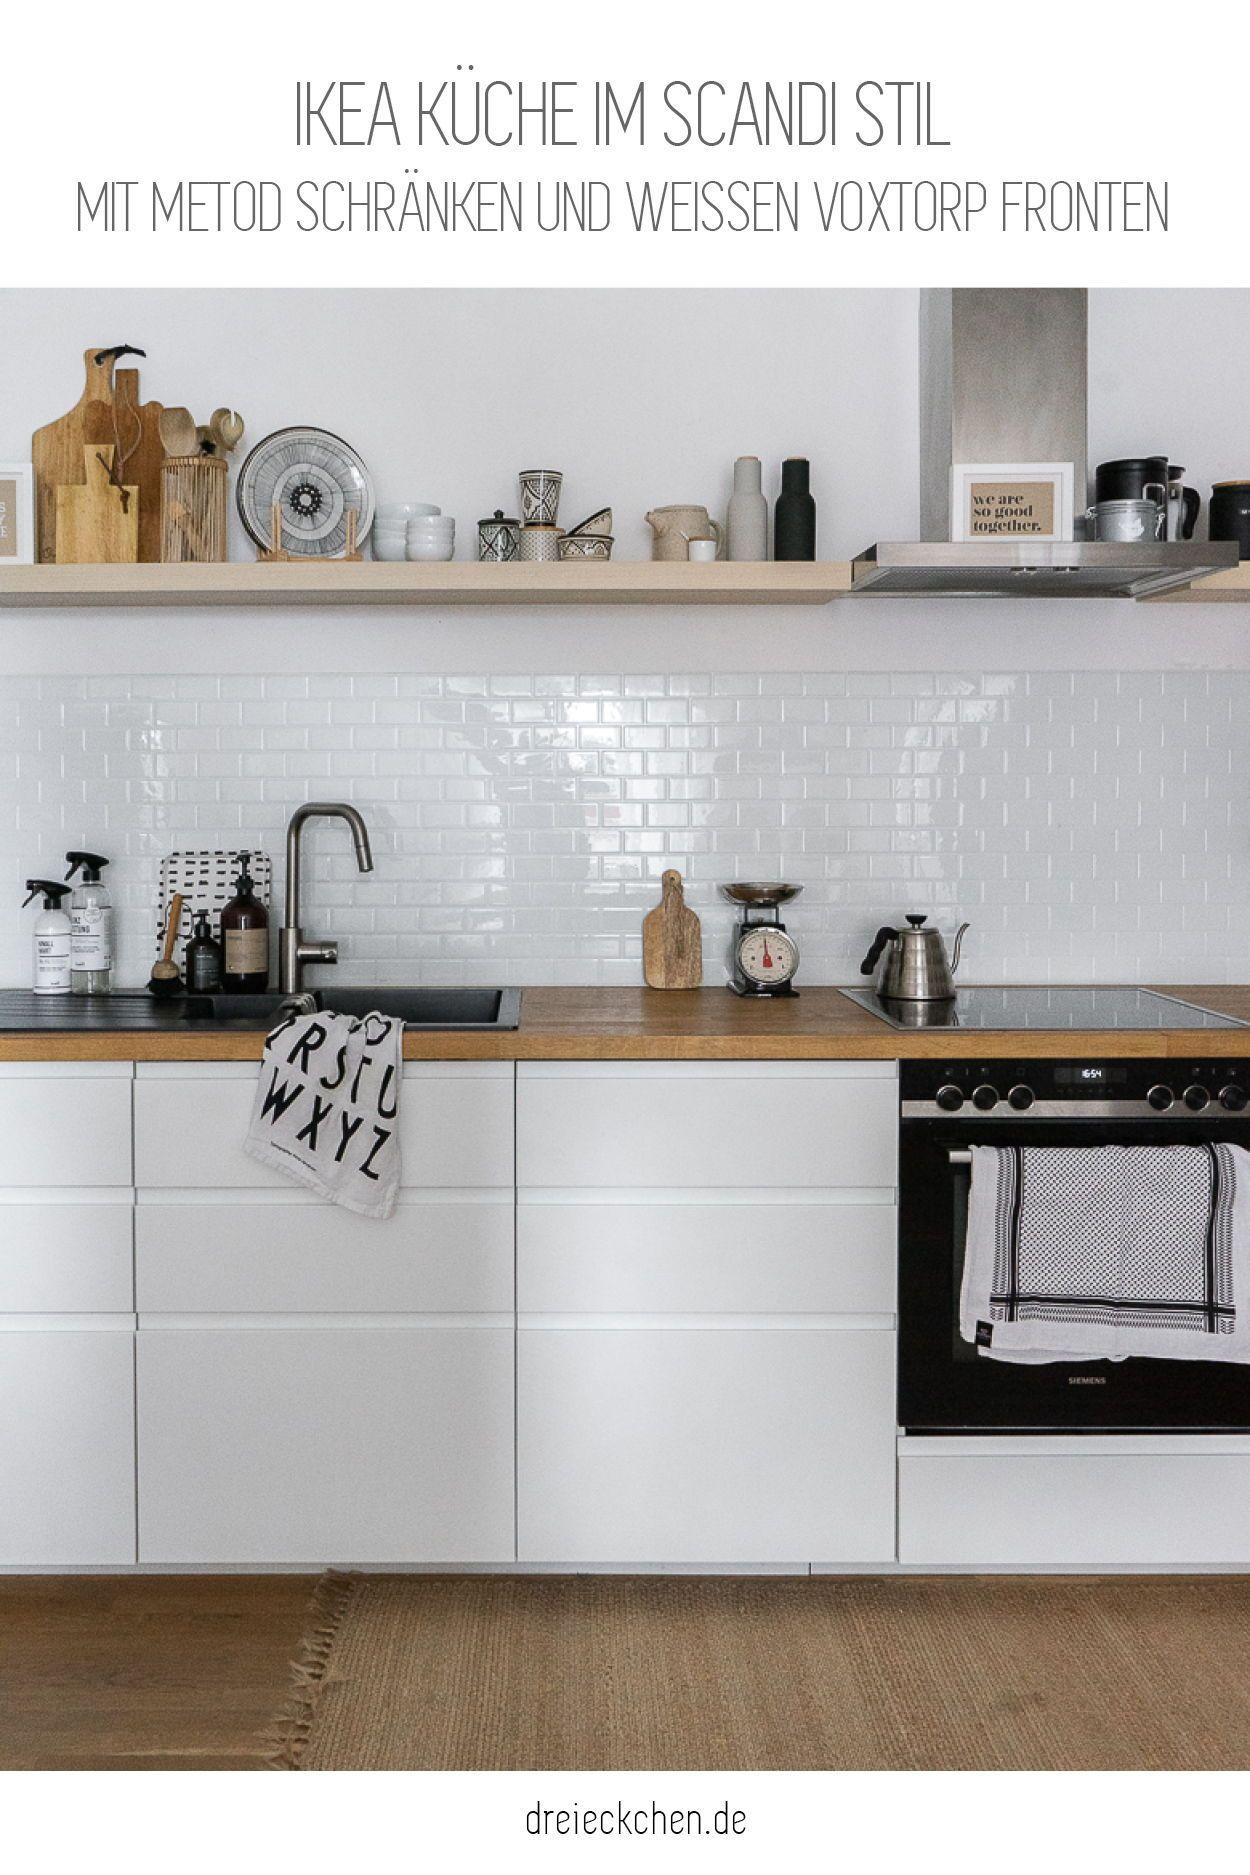 Ikea Kuche Im Skandinavischen Stil Mit Metod Und Voxtorp In 2020 Ikea Kuche Kuche Planen Kuchenumbau